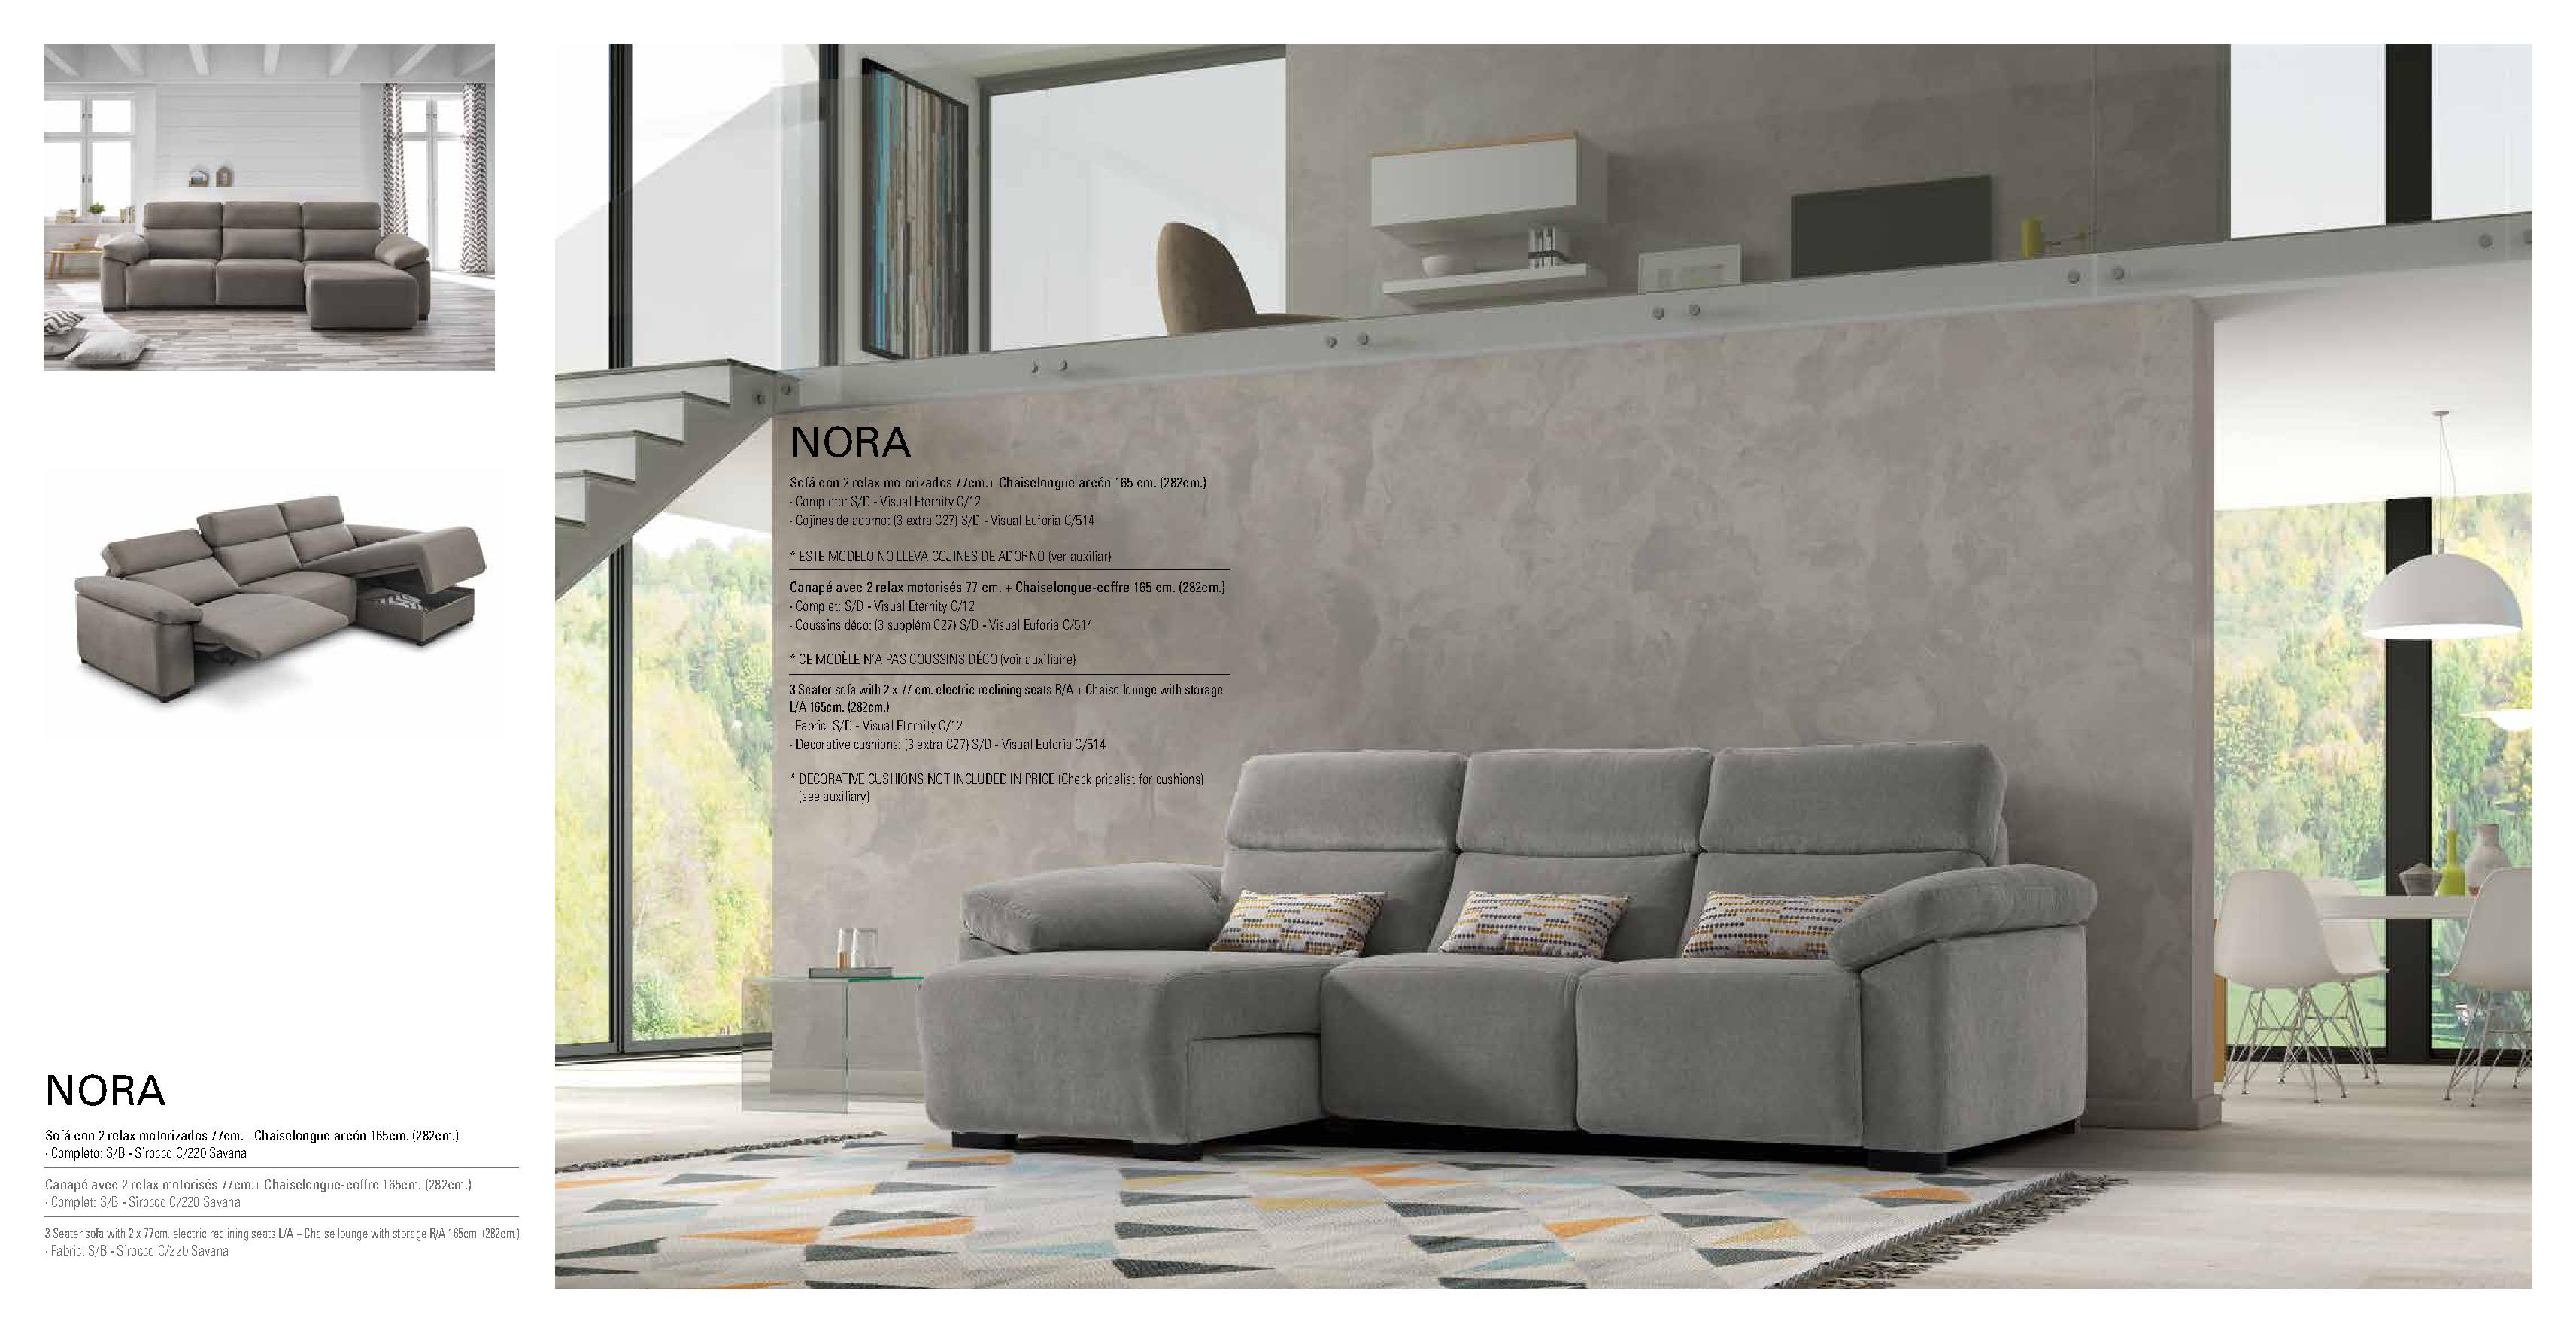 Sofas Sillas Y Tapicer A En M Laga # Disenos Vor Muebles